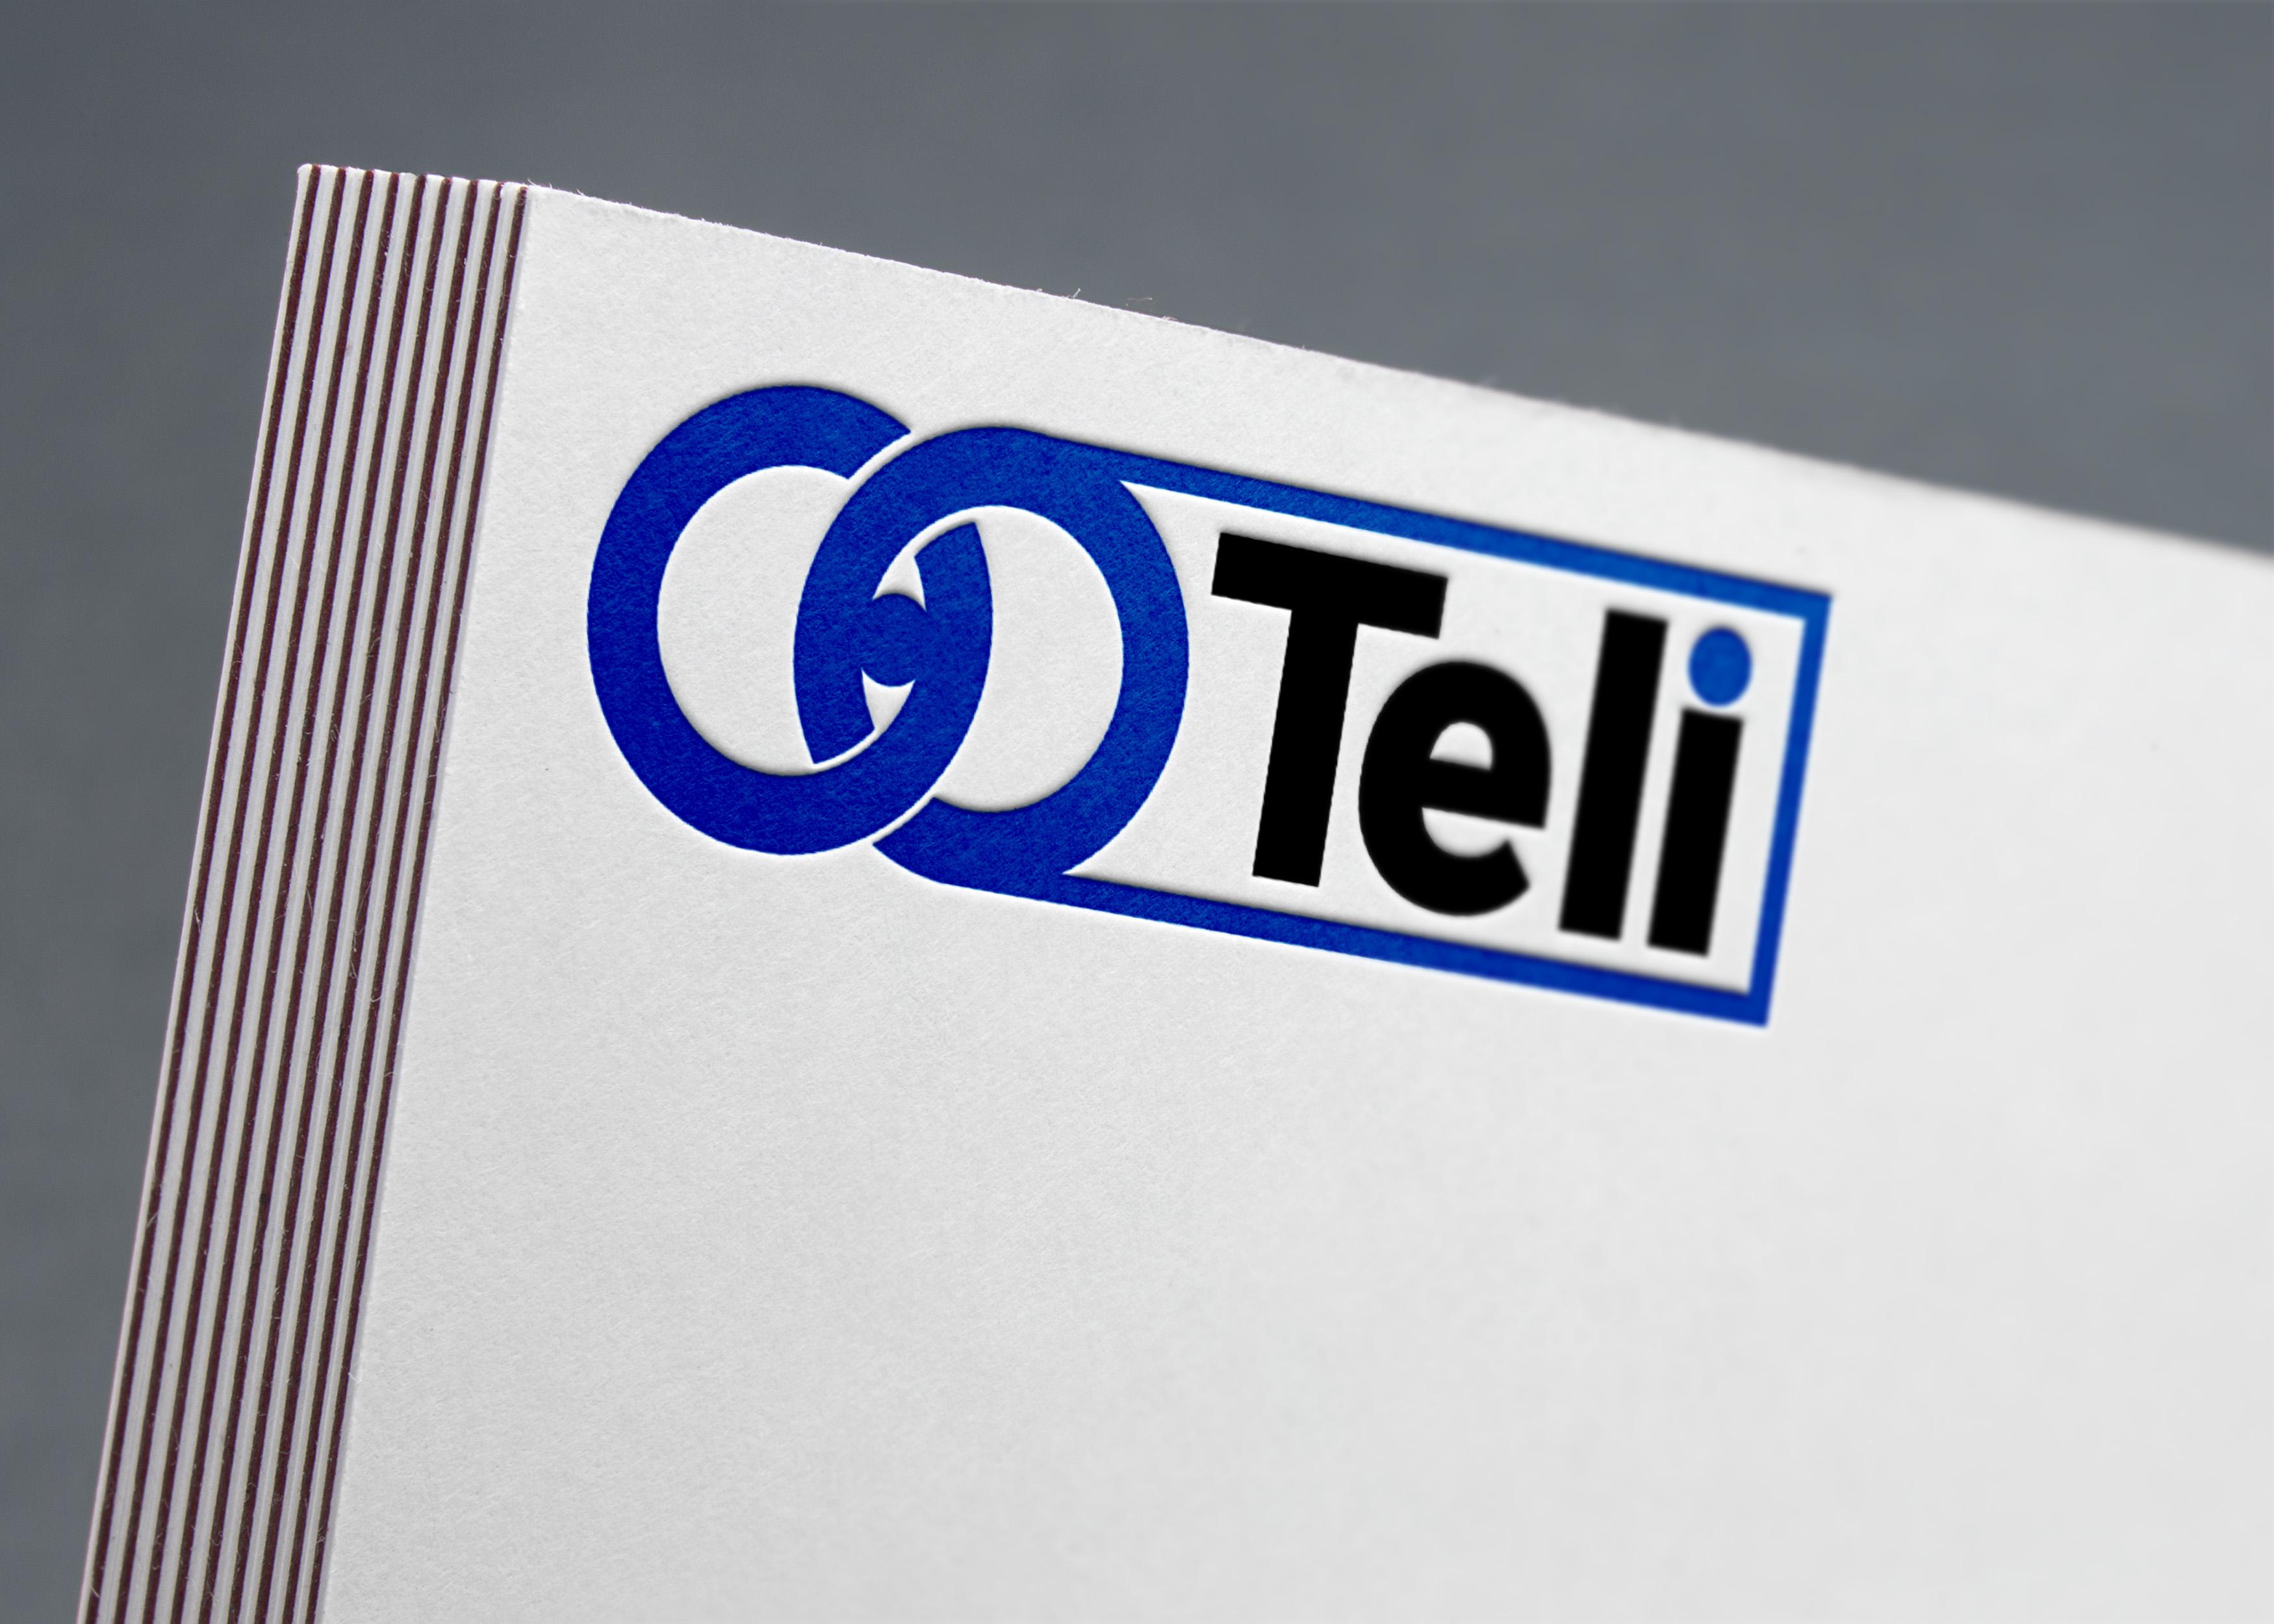 Разработка логотипа и фирменного стиля фото f_13658f9d2910252a.jpg